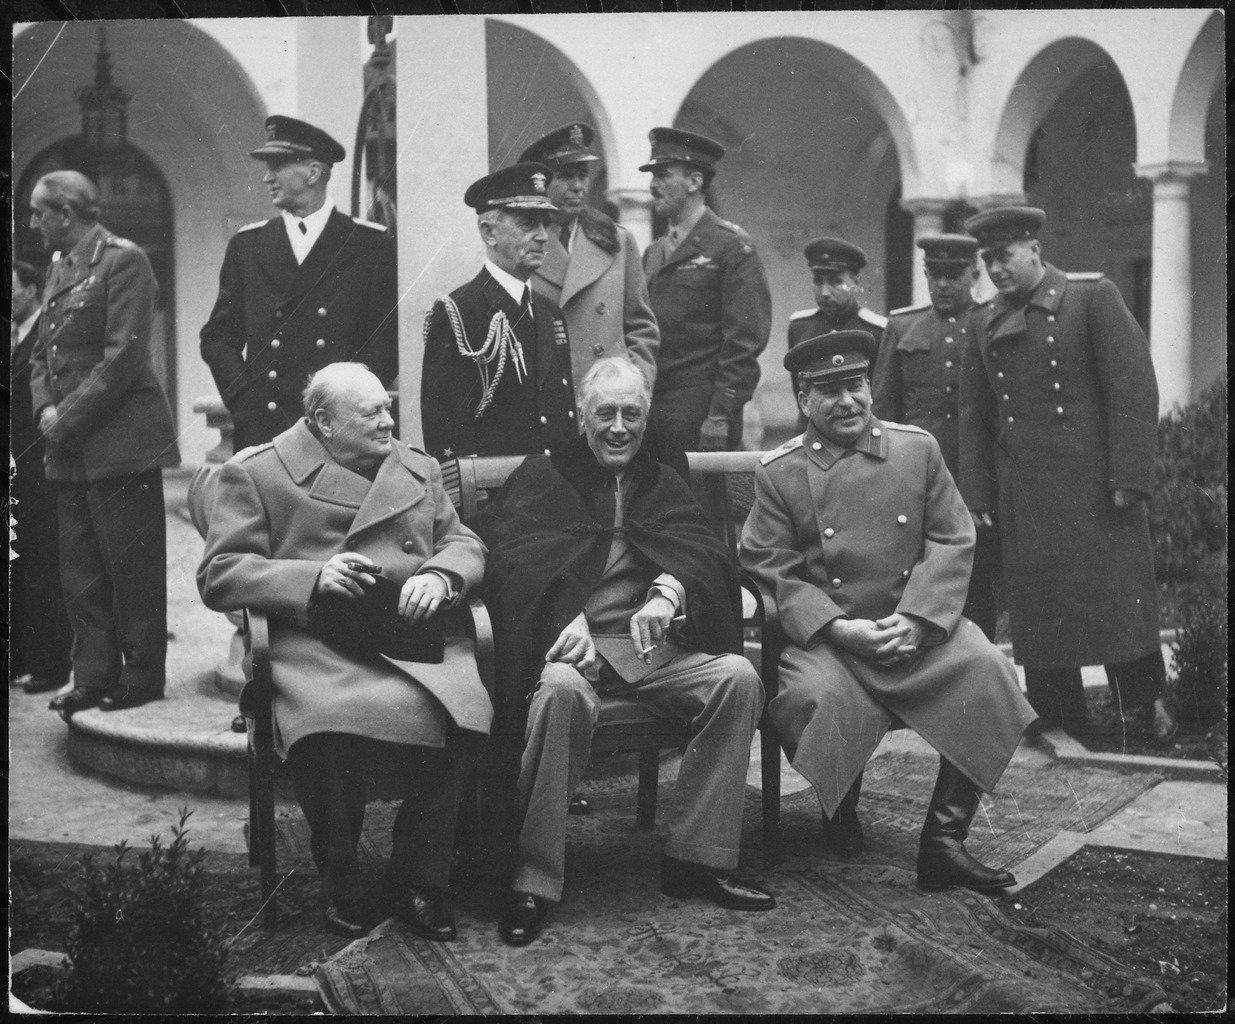 Spotkanie Winstona Churchilla, Józefa Stalina iFranklina D. Roosevelta wJałcie Źródło: Spotkanie Winstona Churchilla, Józefa Stalina iFranklina D. Roosevelta wJałcie , Fotografia, Archiwum Narodowe USA, domena publiczna.